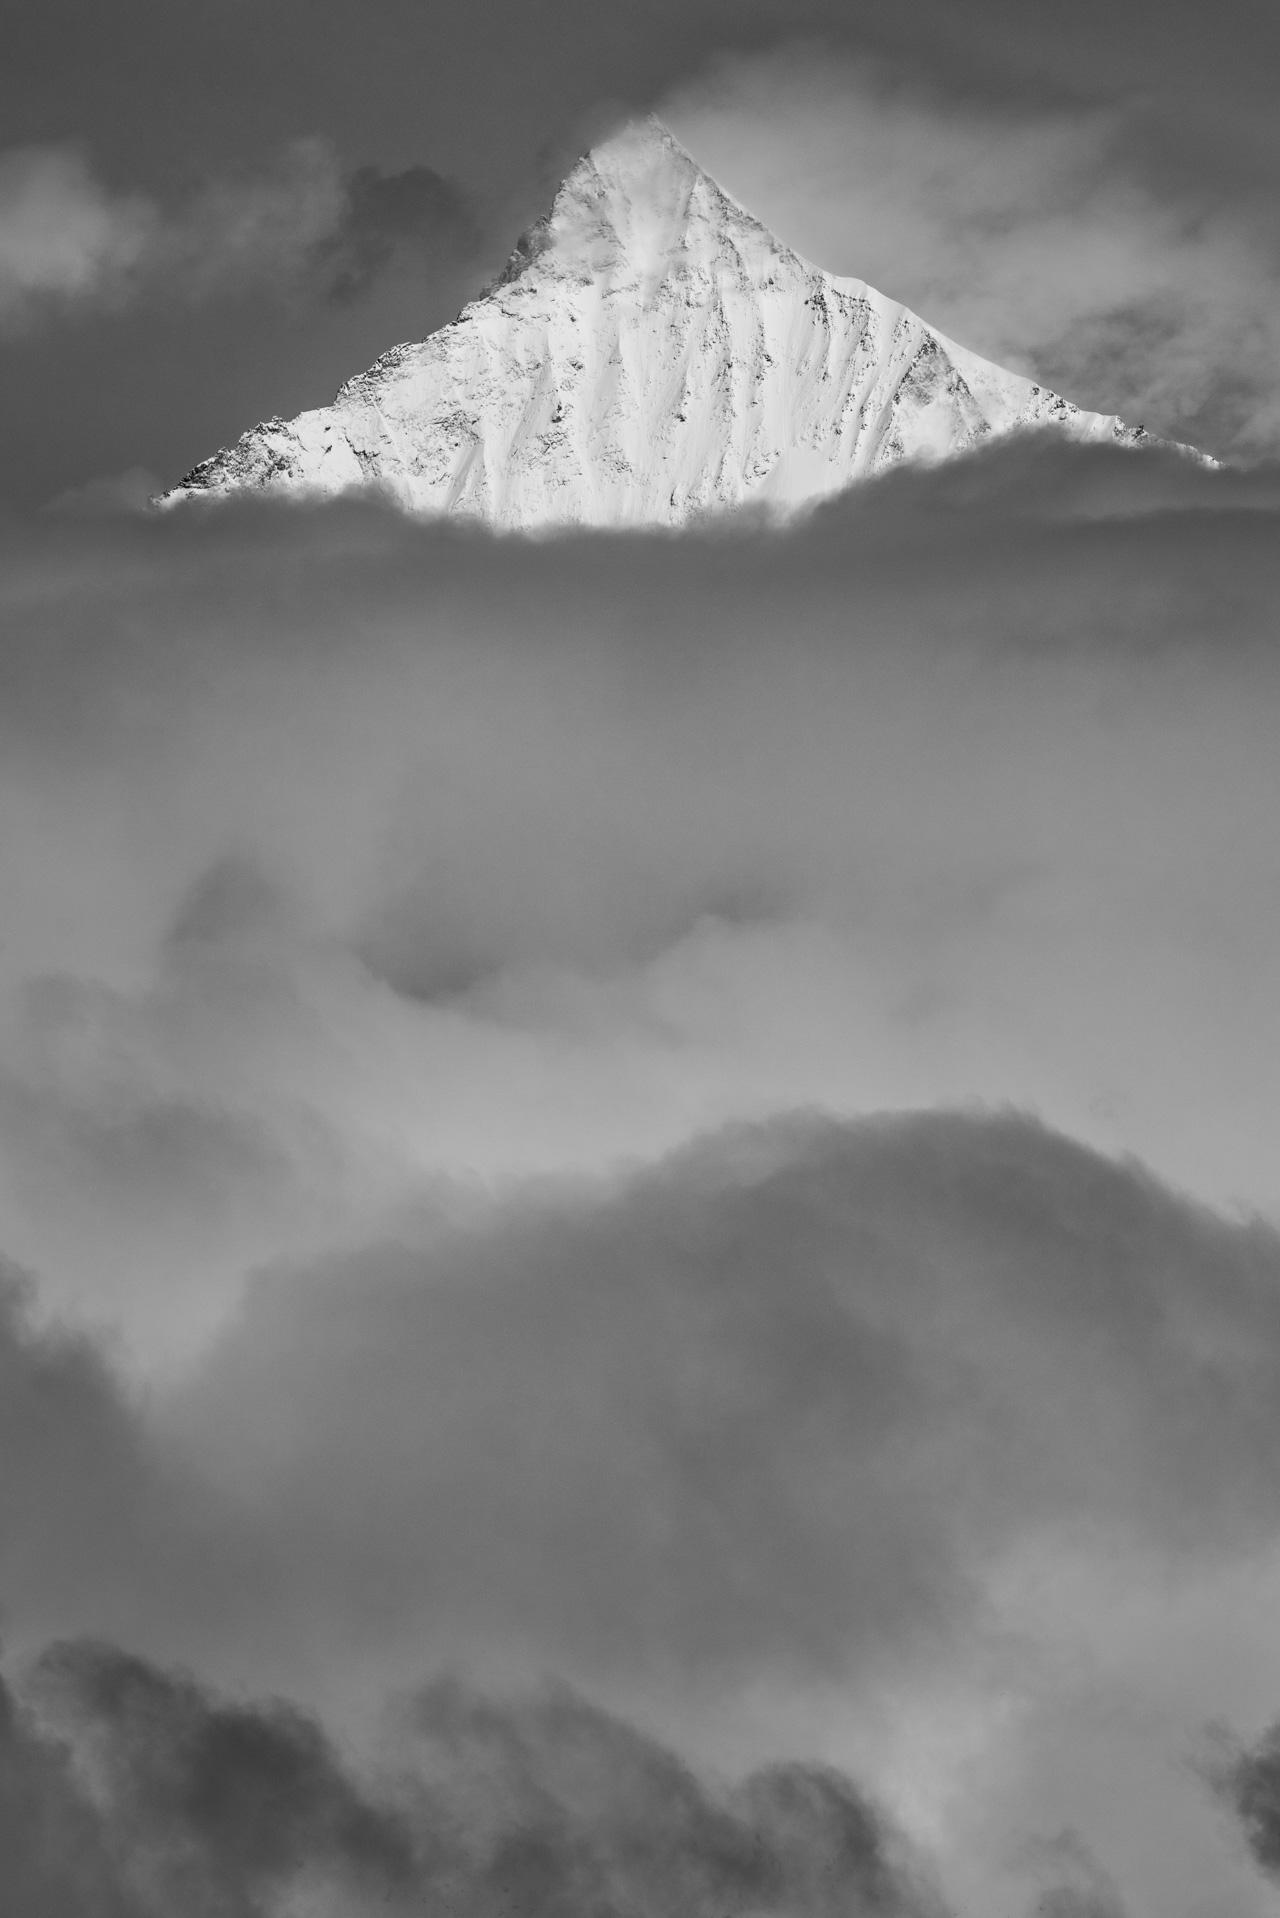 Vallée de Zermatt - Valais Suisse - Weisshorn